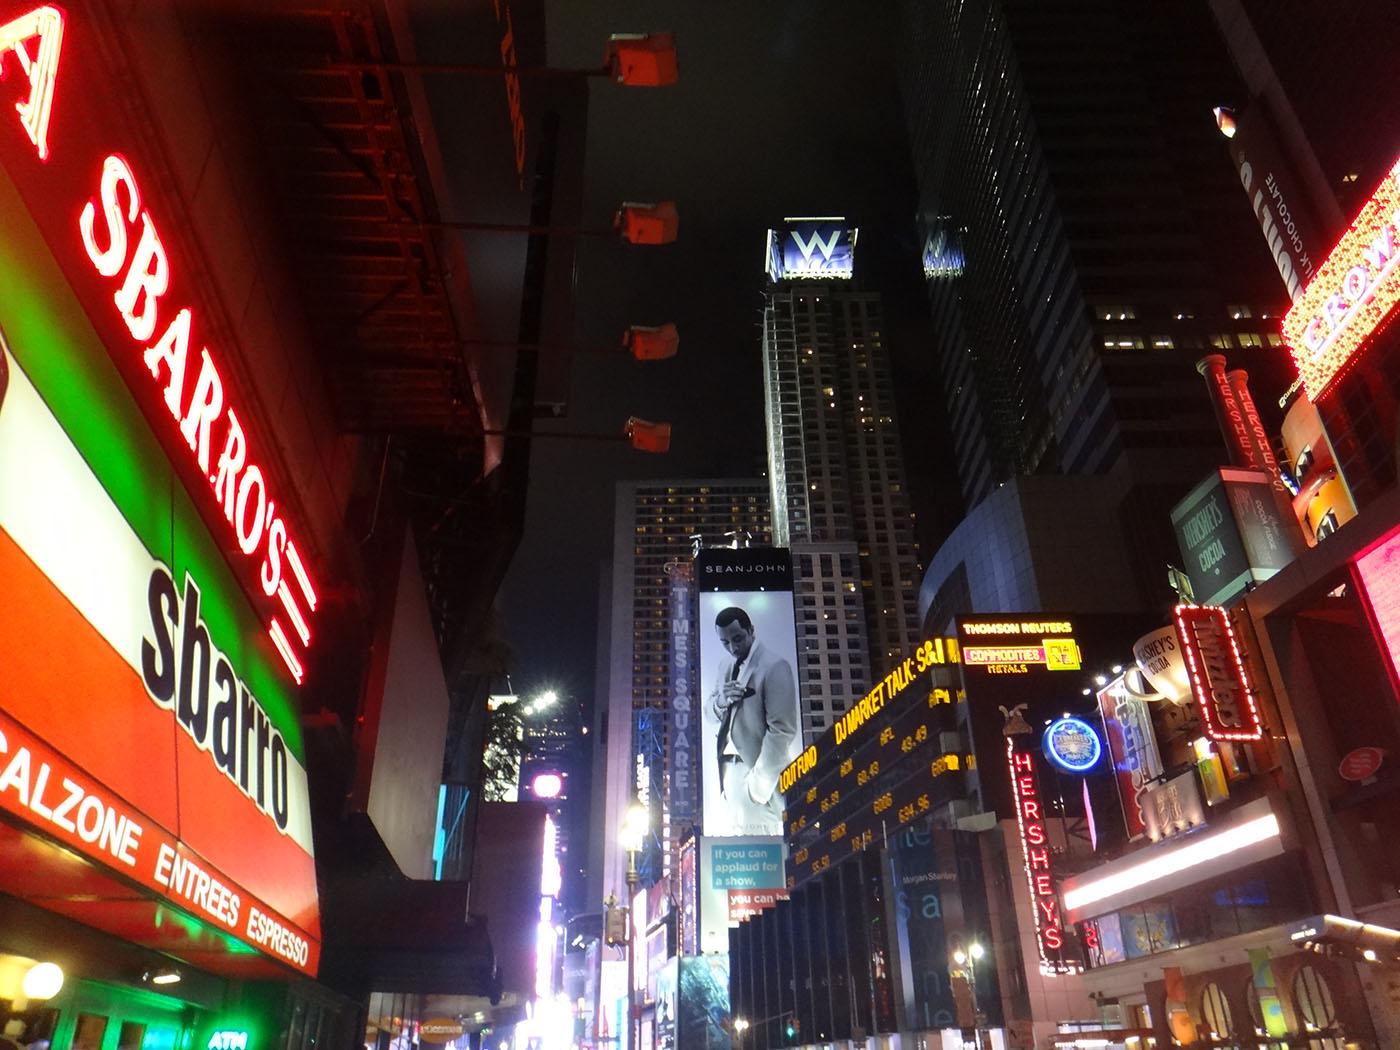 comment préparer son voyage à New York ! Toutes les étapes pour réserver ses vacances à New York !